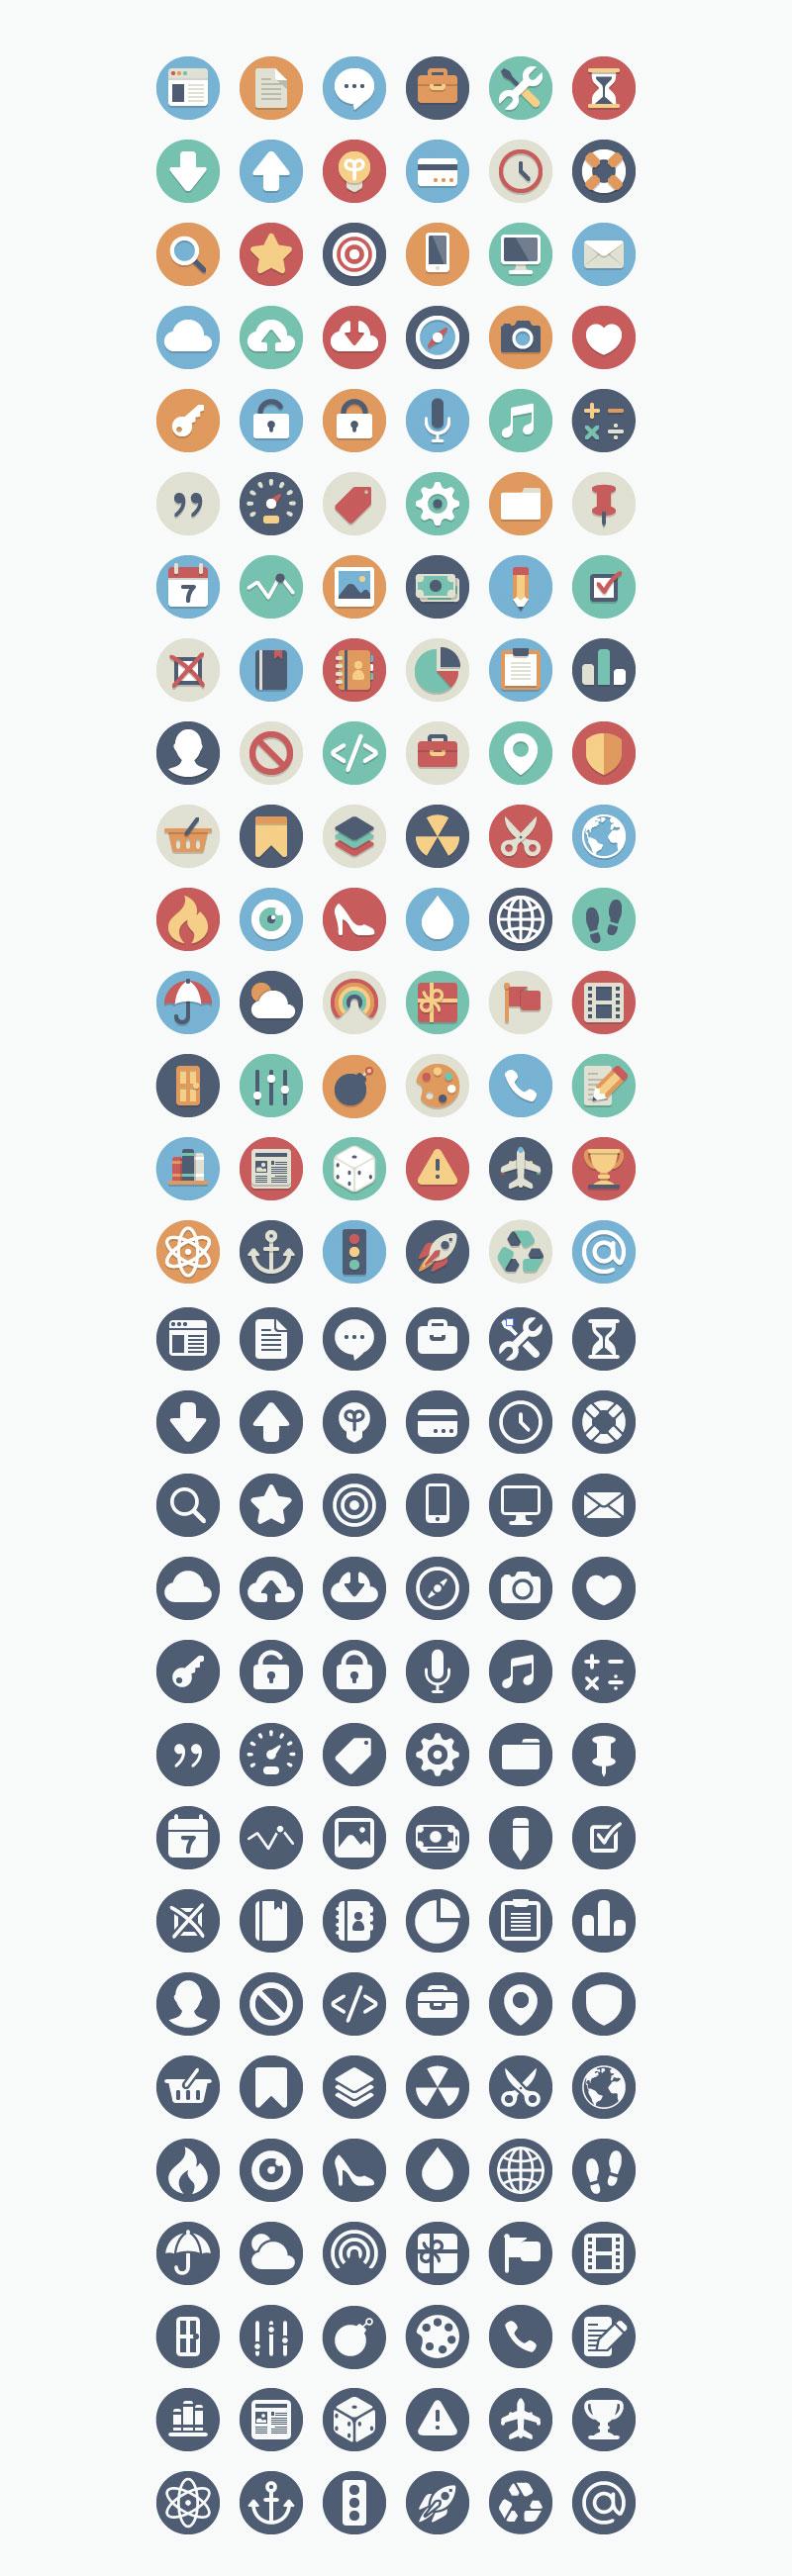 180-Free-Beautiful-Flat-Icons